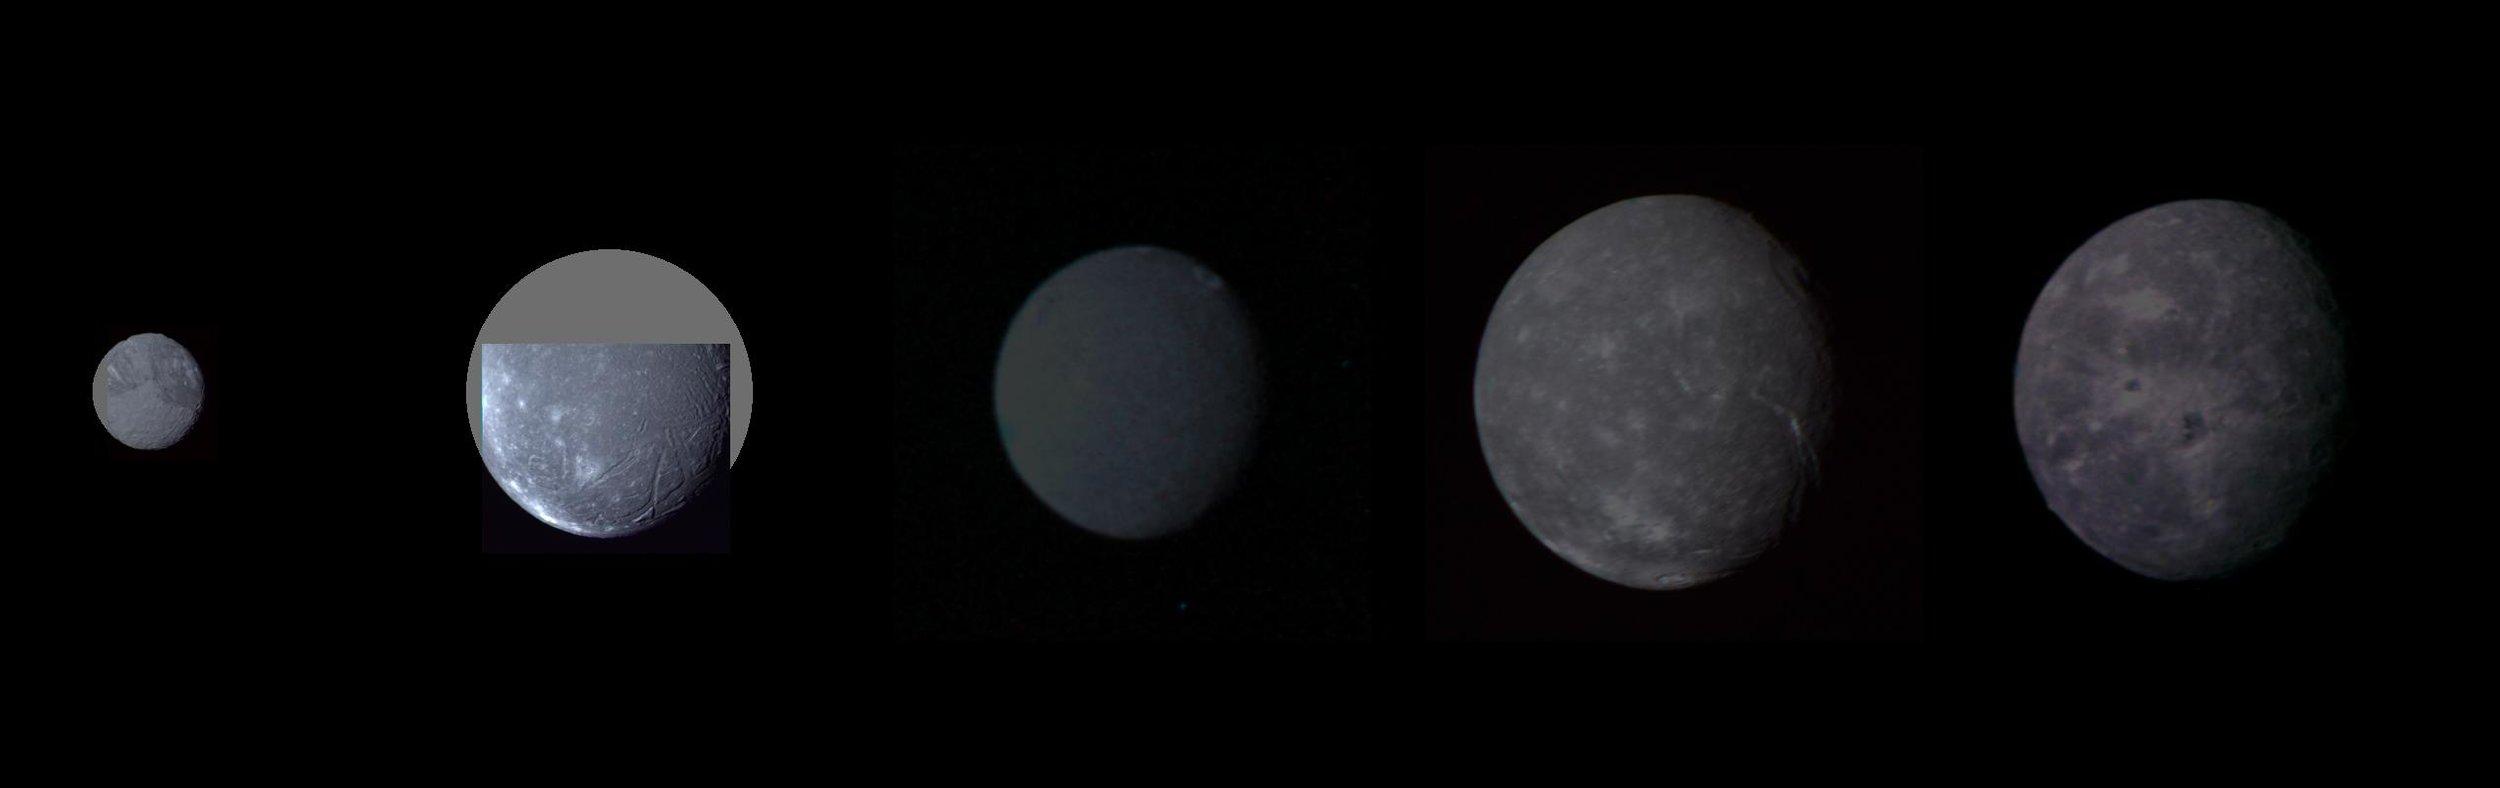 moons of uranusjpg